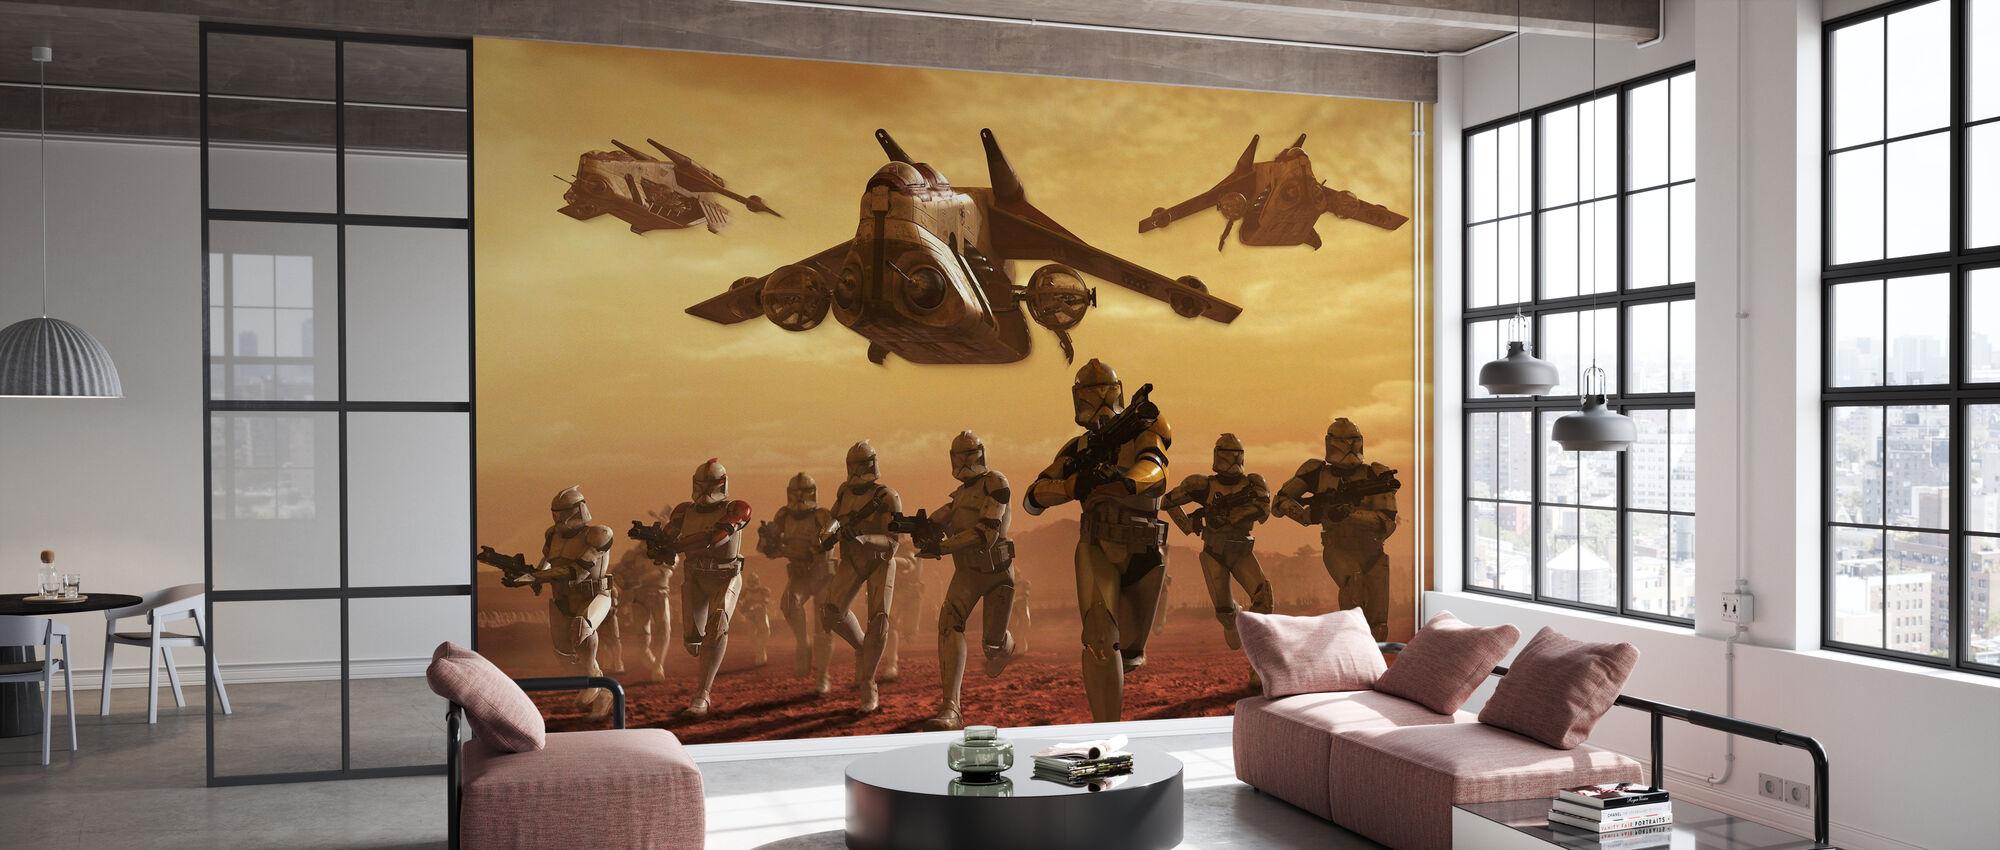 Star Wars - Klooni sotilaat Geonosis - Tapetti - Toimisto